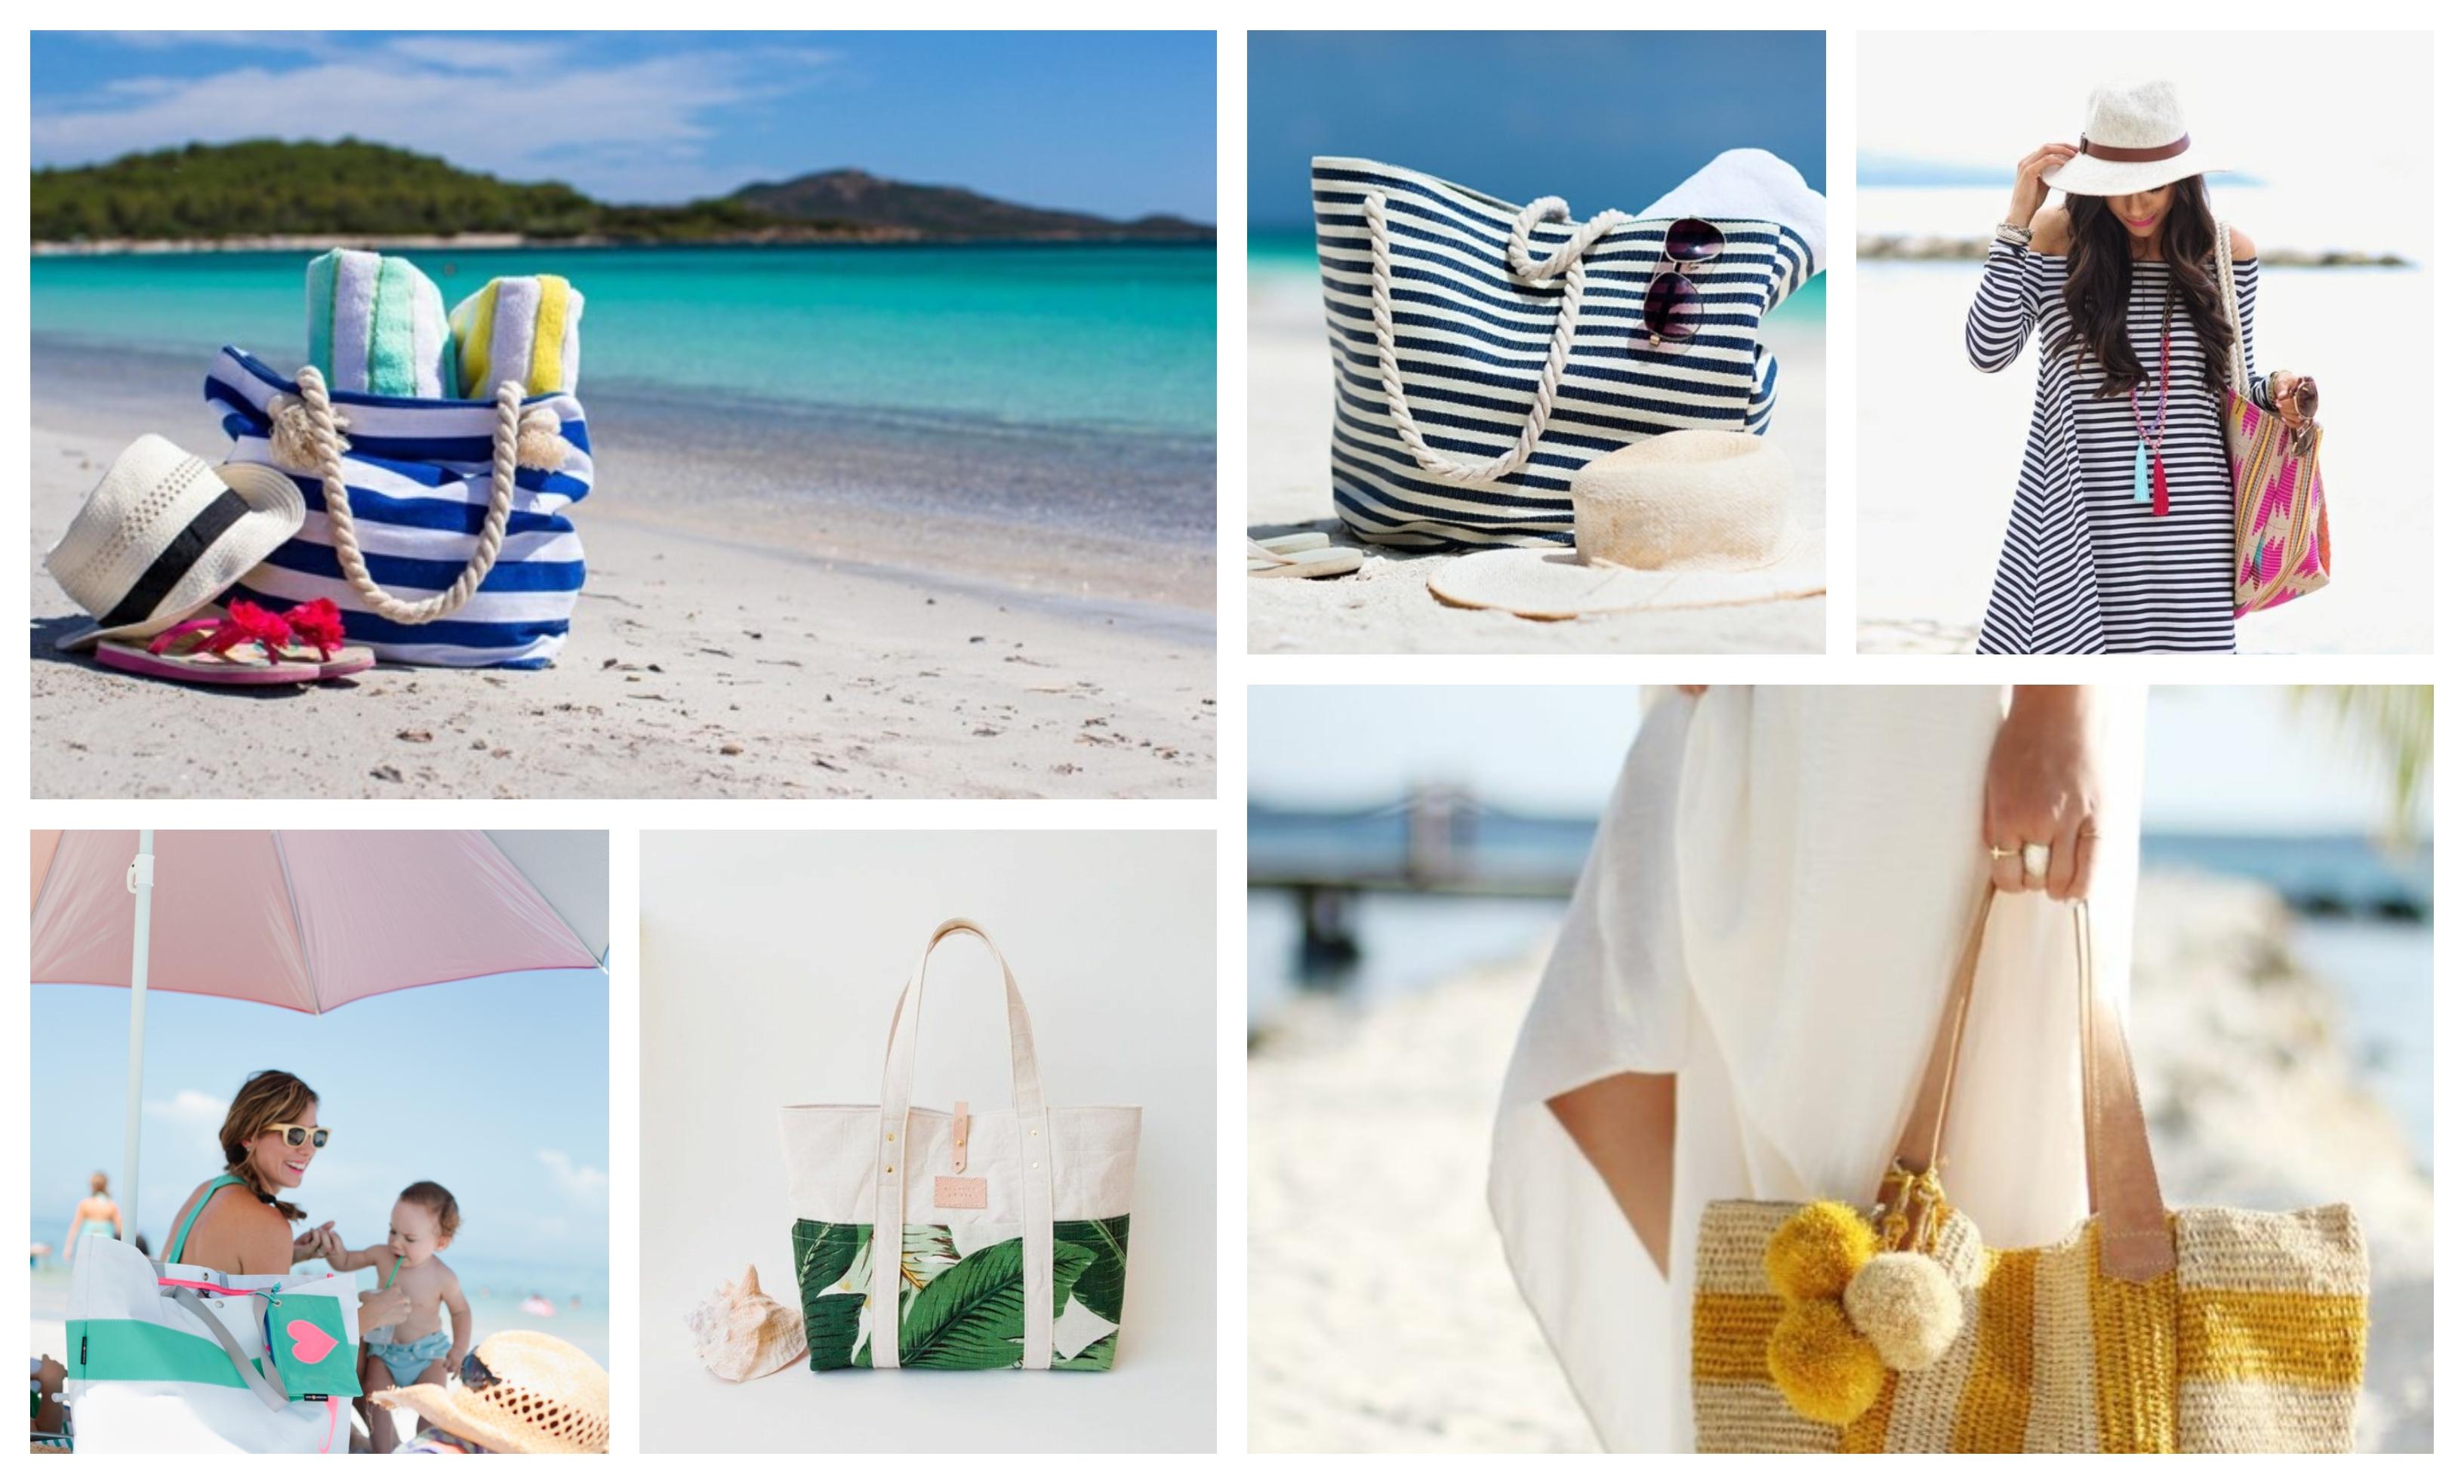 Sac de plage tendance, diy couture, photo de sac à la plage au bord de la mer, tuto couture, quel modèle de sac cette été